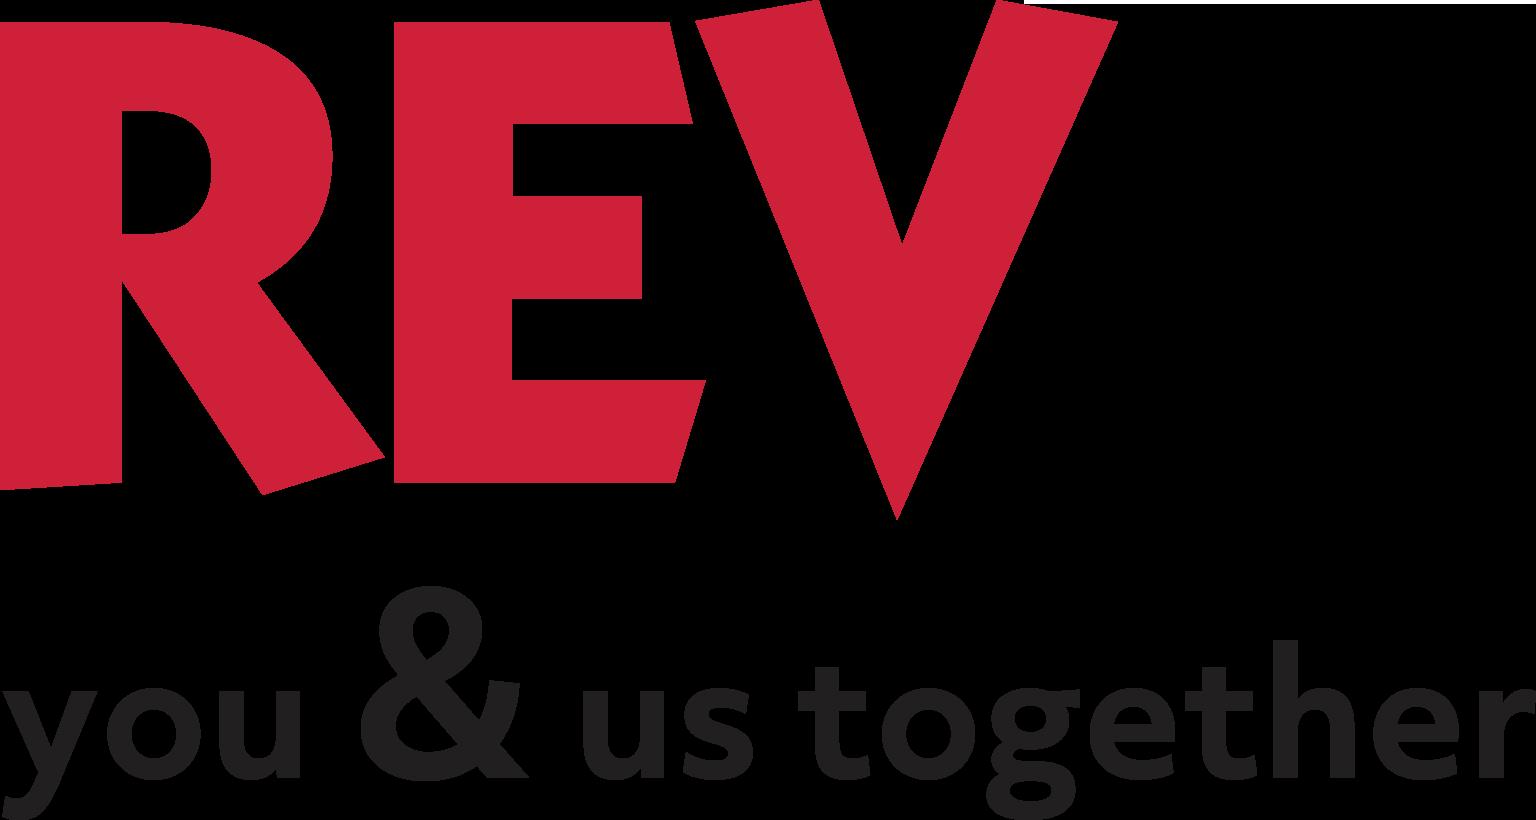 Rev Logo motto.png